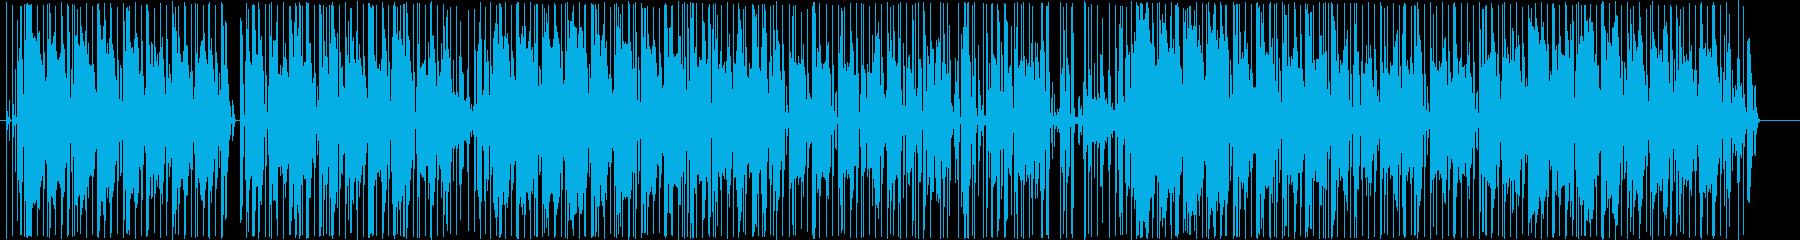 オシャレなスローテンポサウンドの再生済みの波形